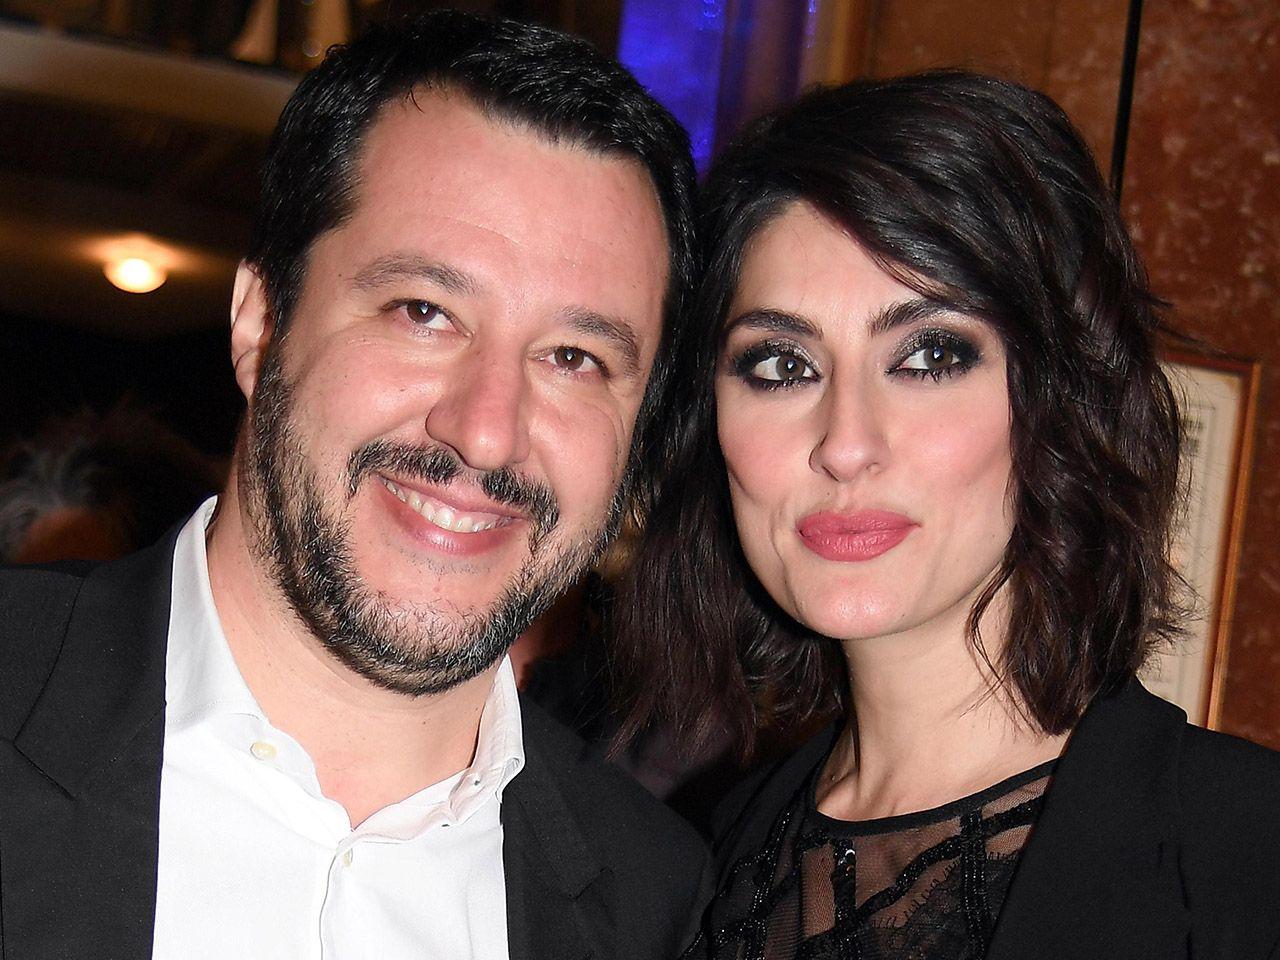 Elisa Isoardi e Matteo Salvini si sono lasciati: annuncio social della conduttrice